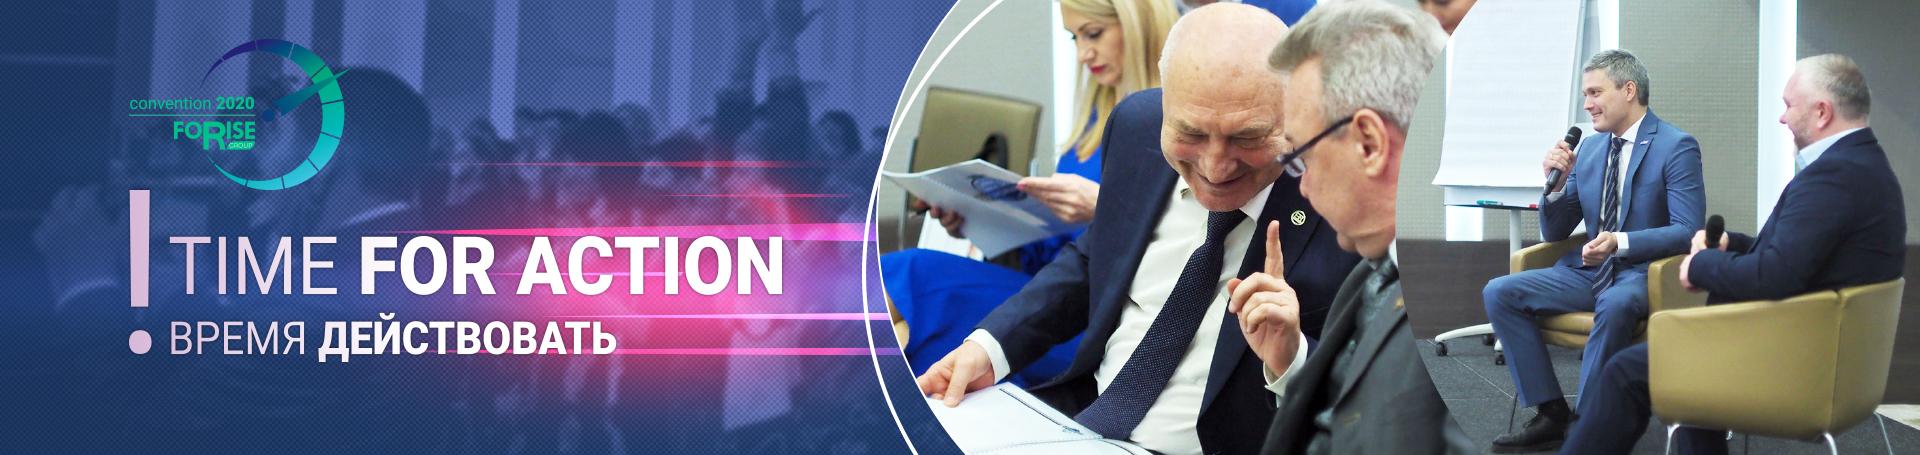 Конвенция 2020 «Время действовать!». Москва, 5 декабря